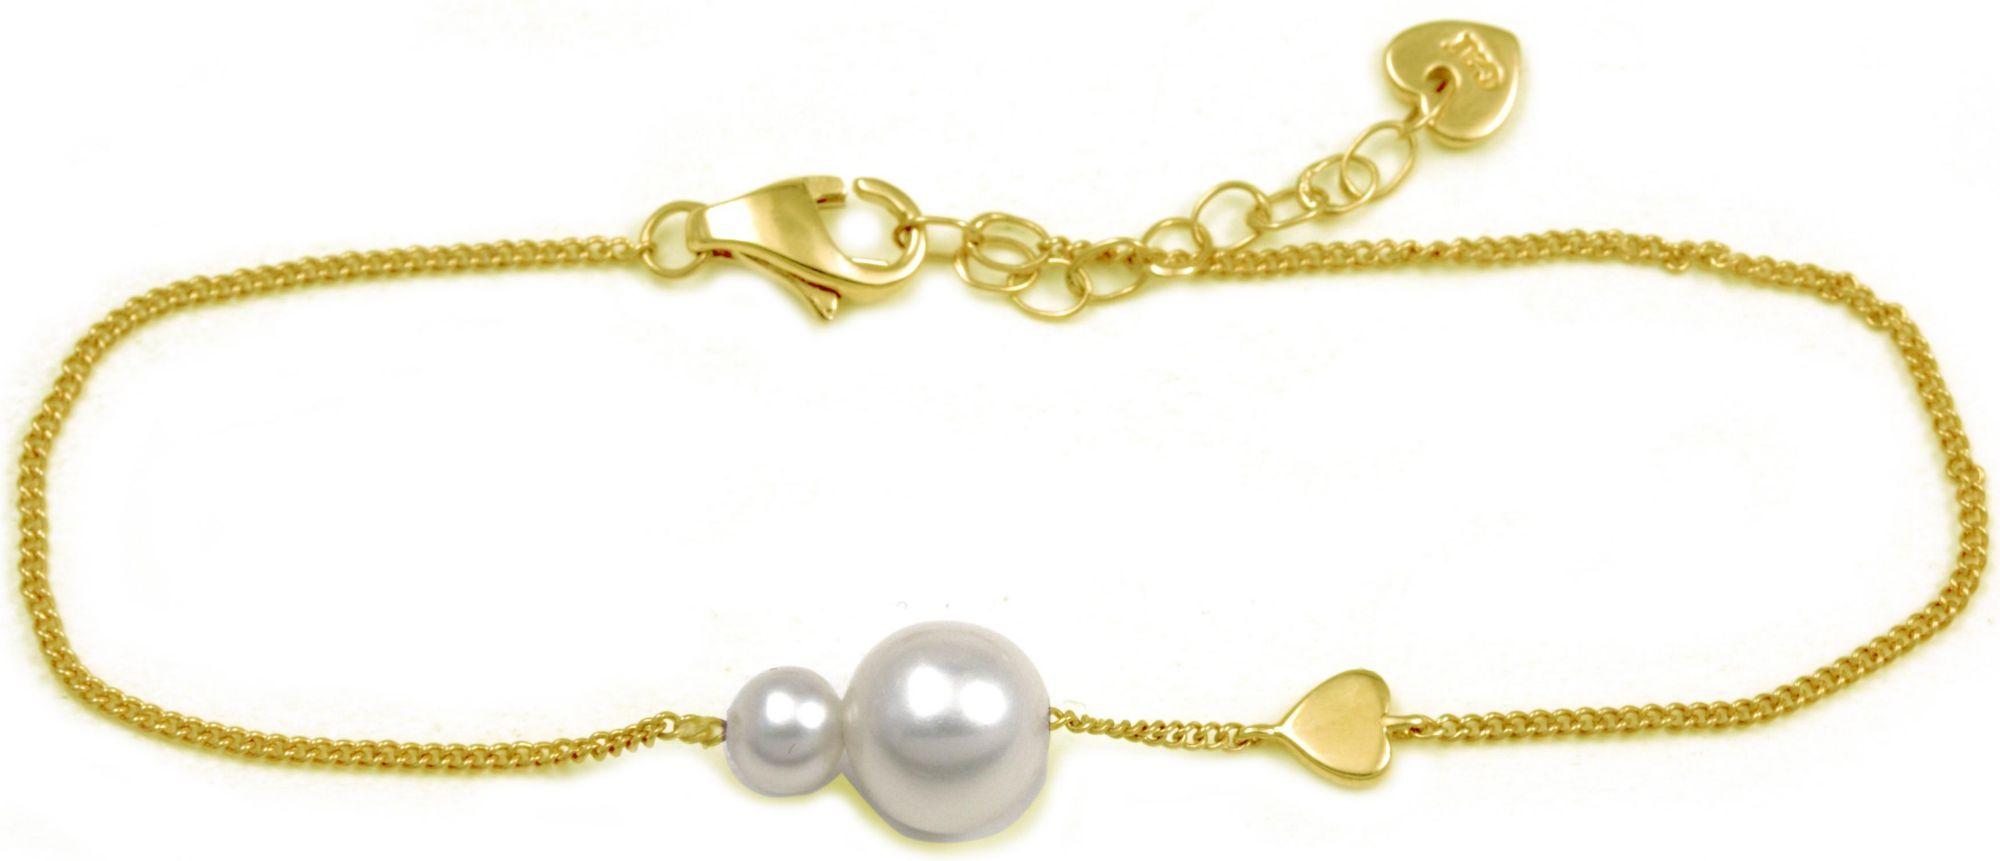 CAÏ Armband mit Süßwasserzuchtperlen CAI Gelb